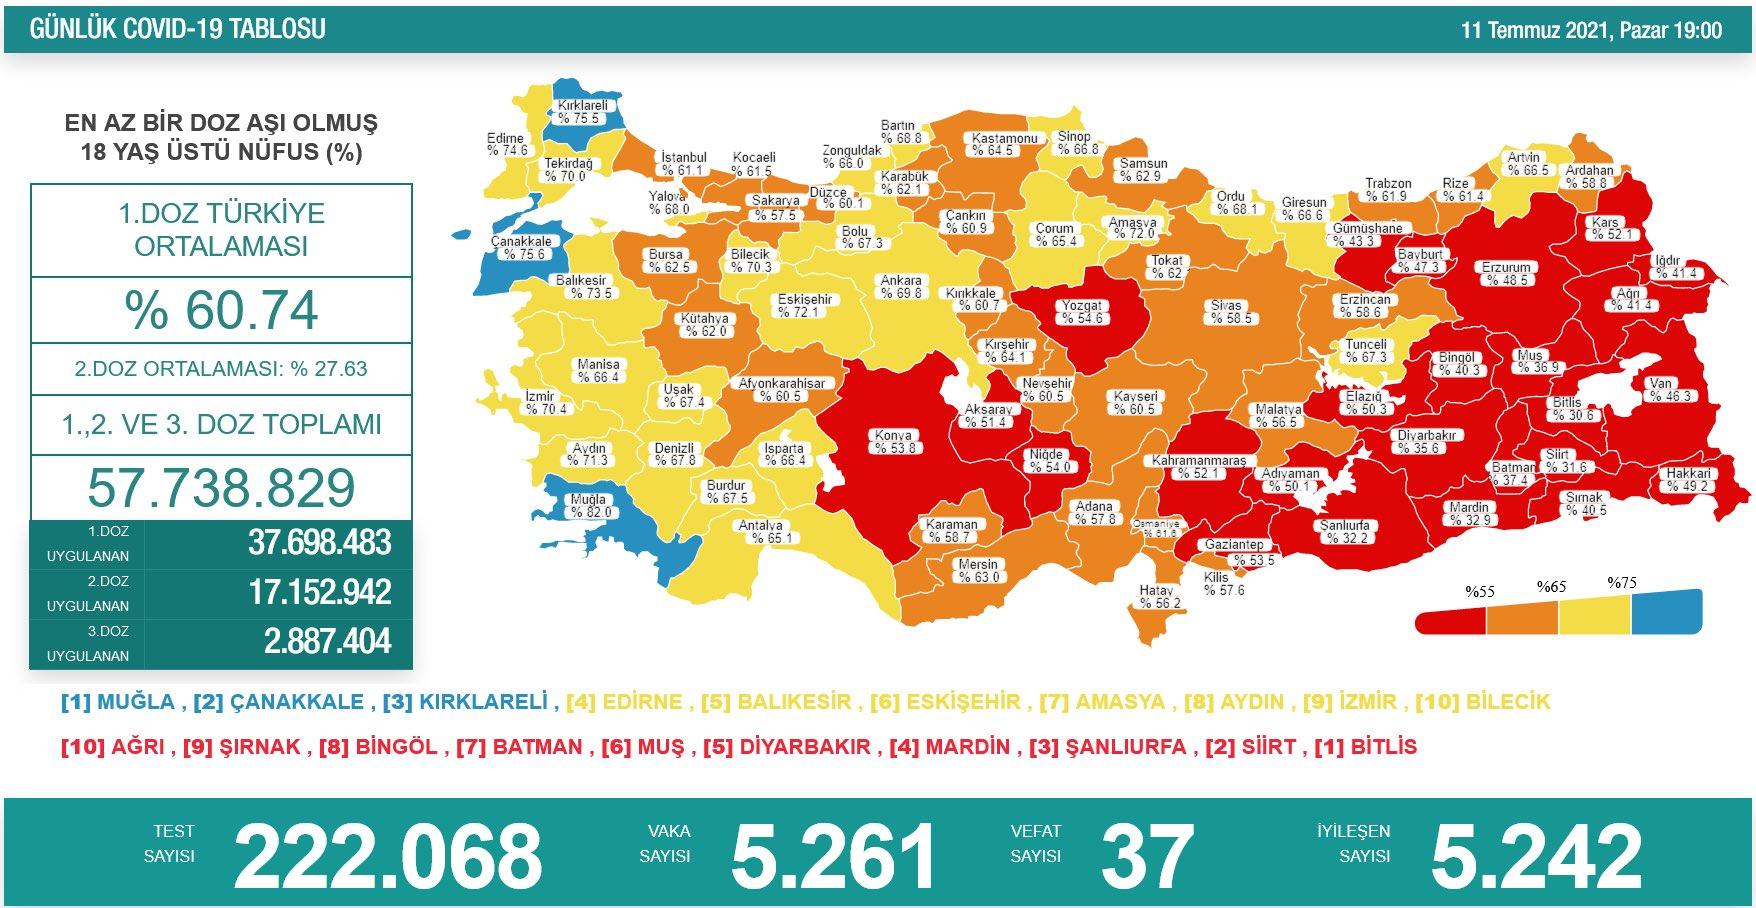 11 Temmuz 2021 Pazar Türkiye Günlük Koronavirüs Tablosu | Bugünkü korona tablosu | Vaka ve ölüm sayısı kaç oldu?